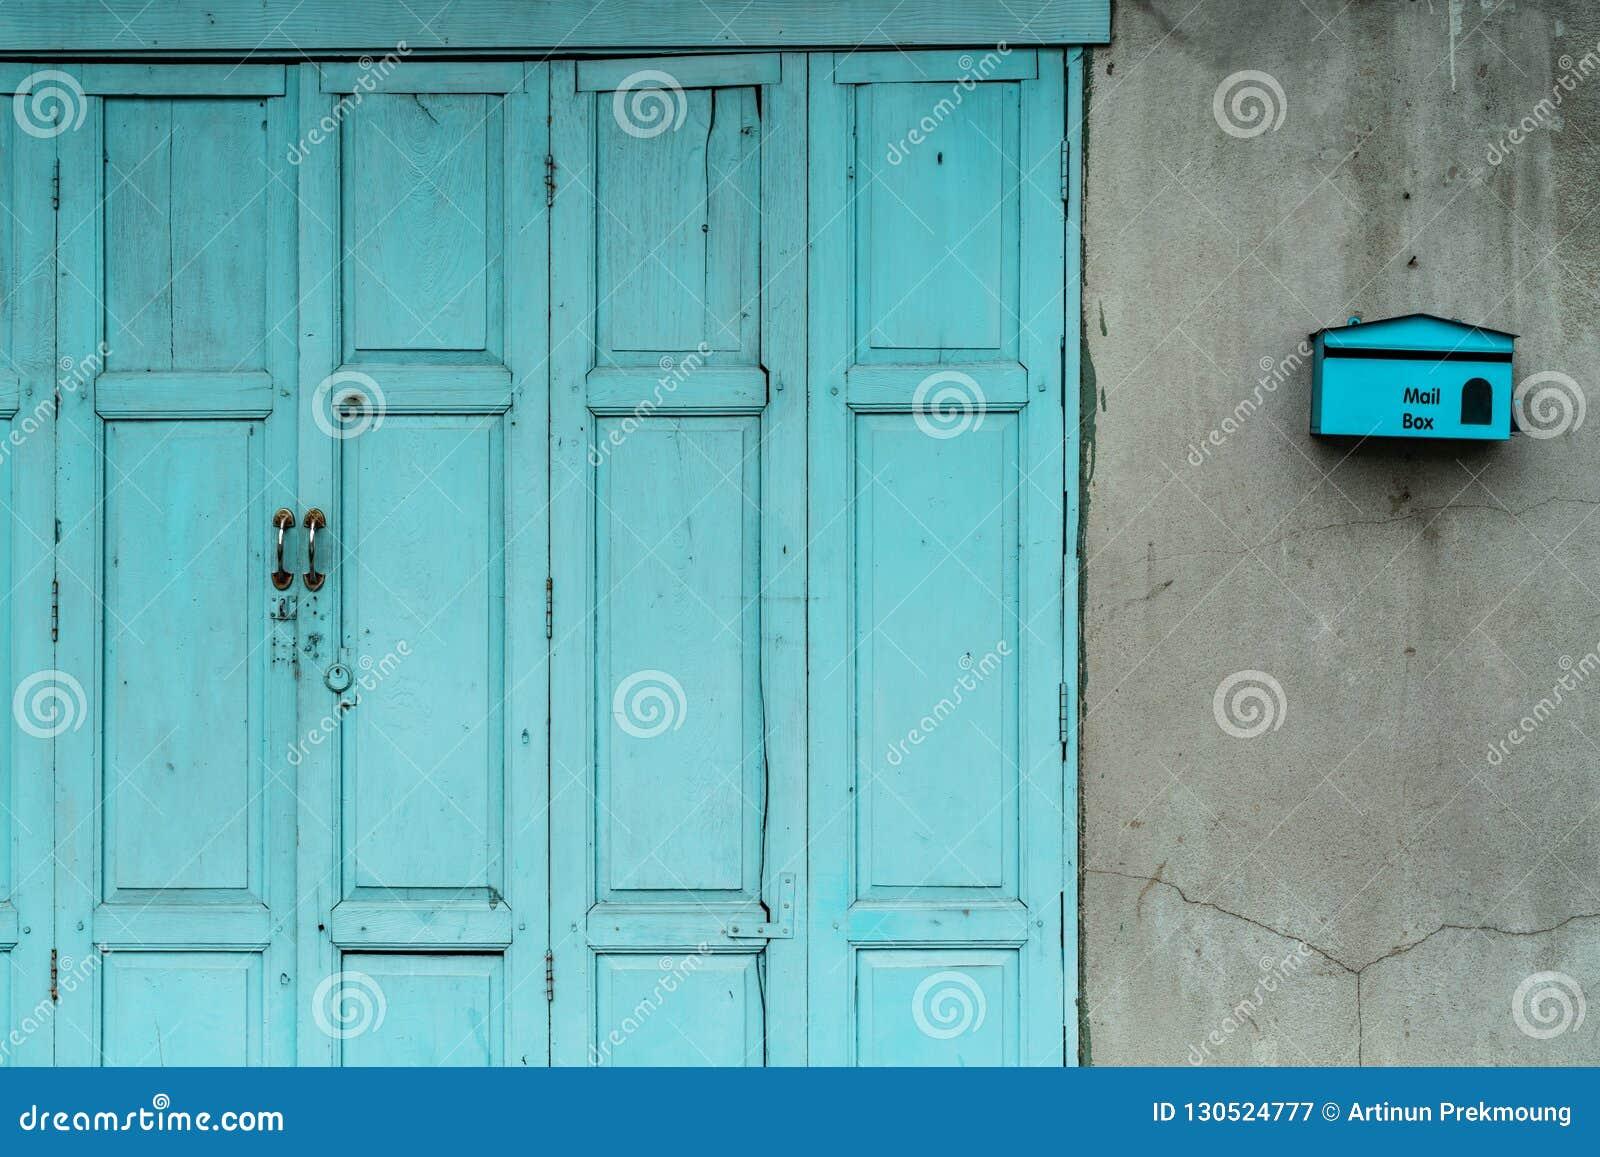 Закрытая зеленая или голубая деревянная дверь и пустой почтовый ящик на треснутой бетонной стене дома Старый дом с треснутой стен